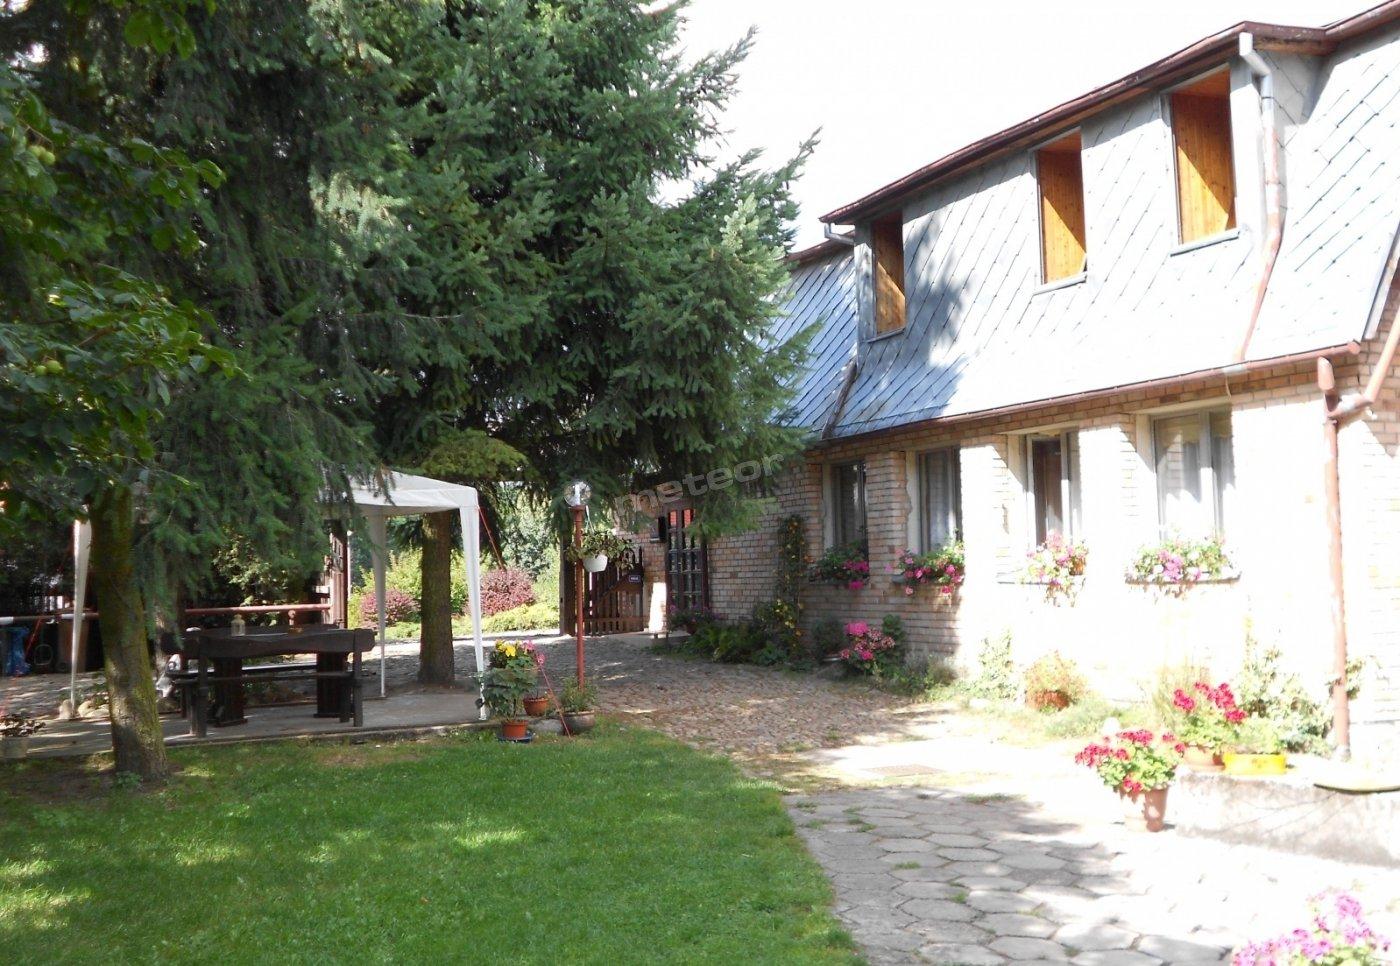 Budynek główny - w którym znajdują się pokoje, aneks kuchenny, oraz część ogrodu